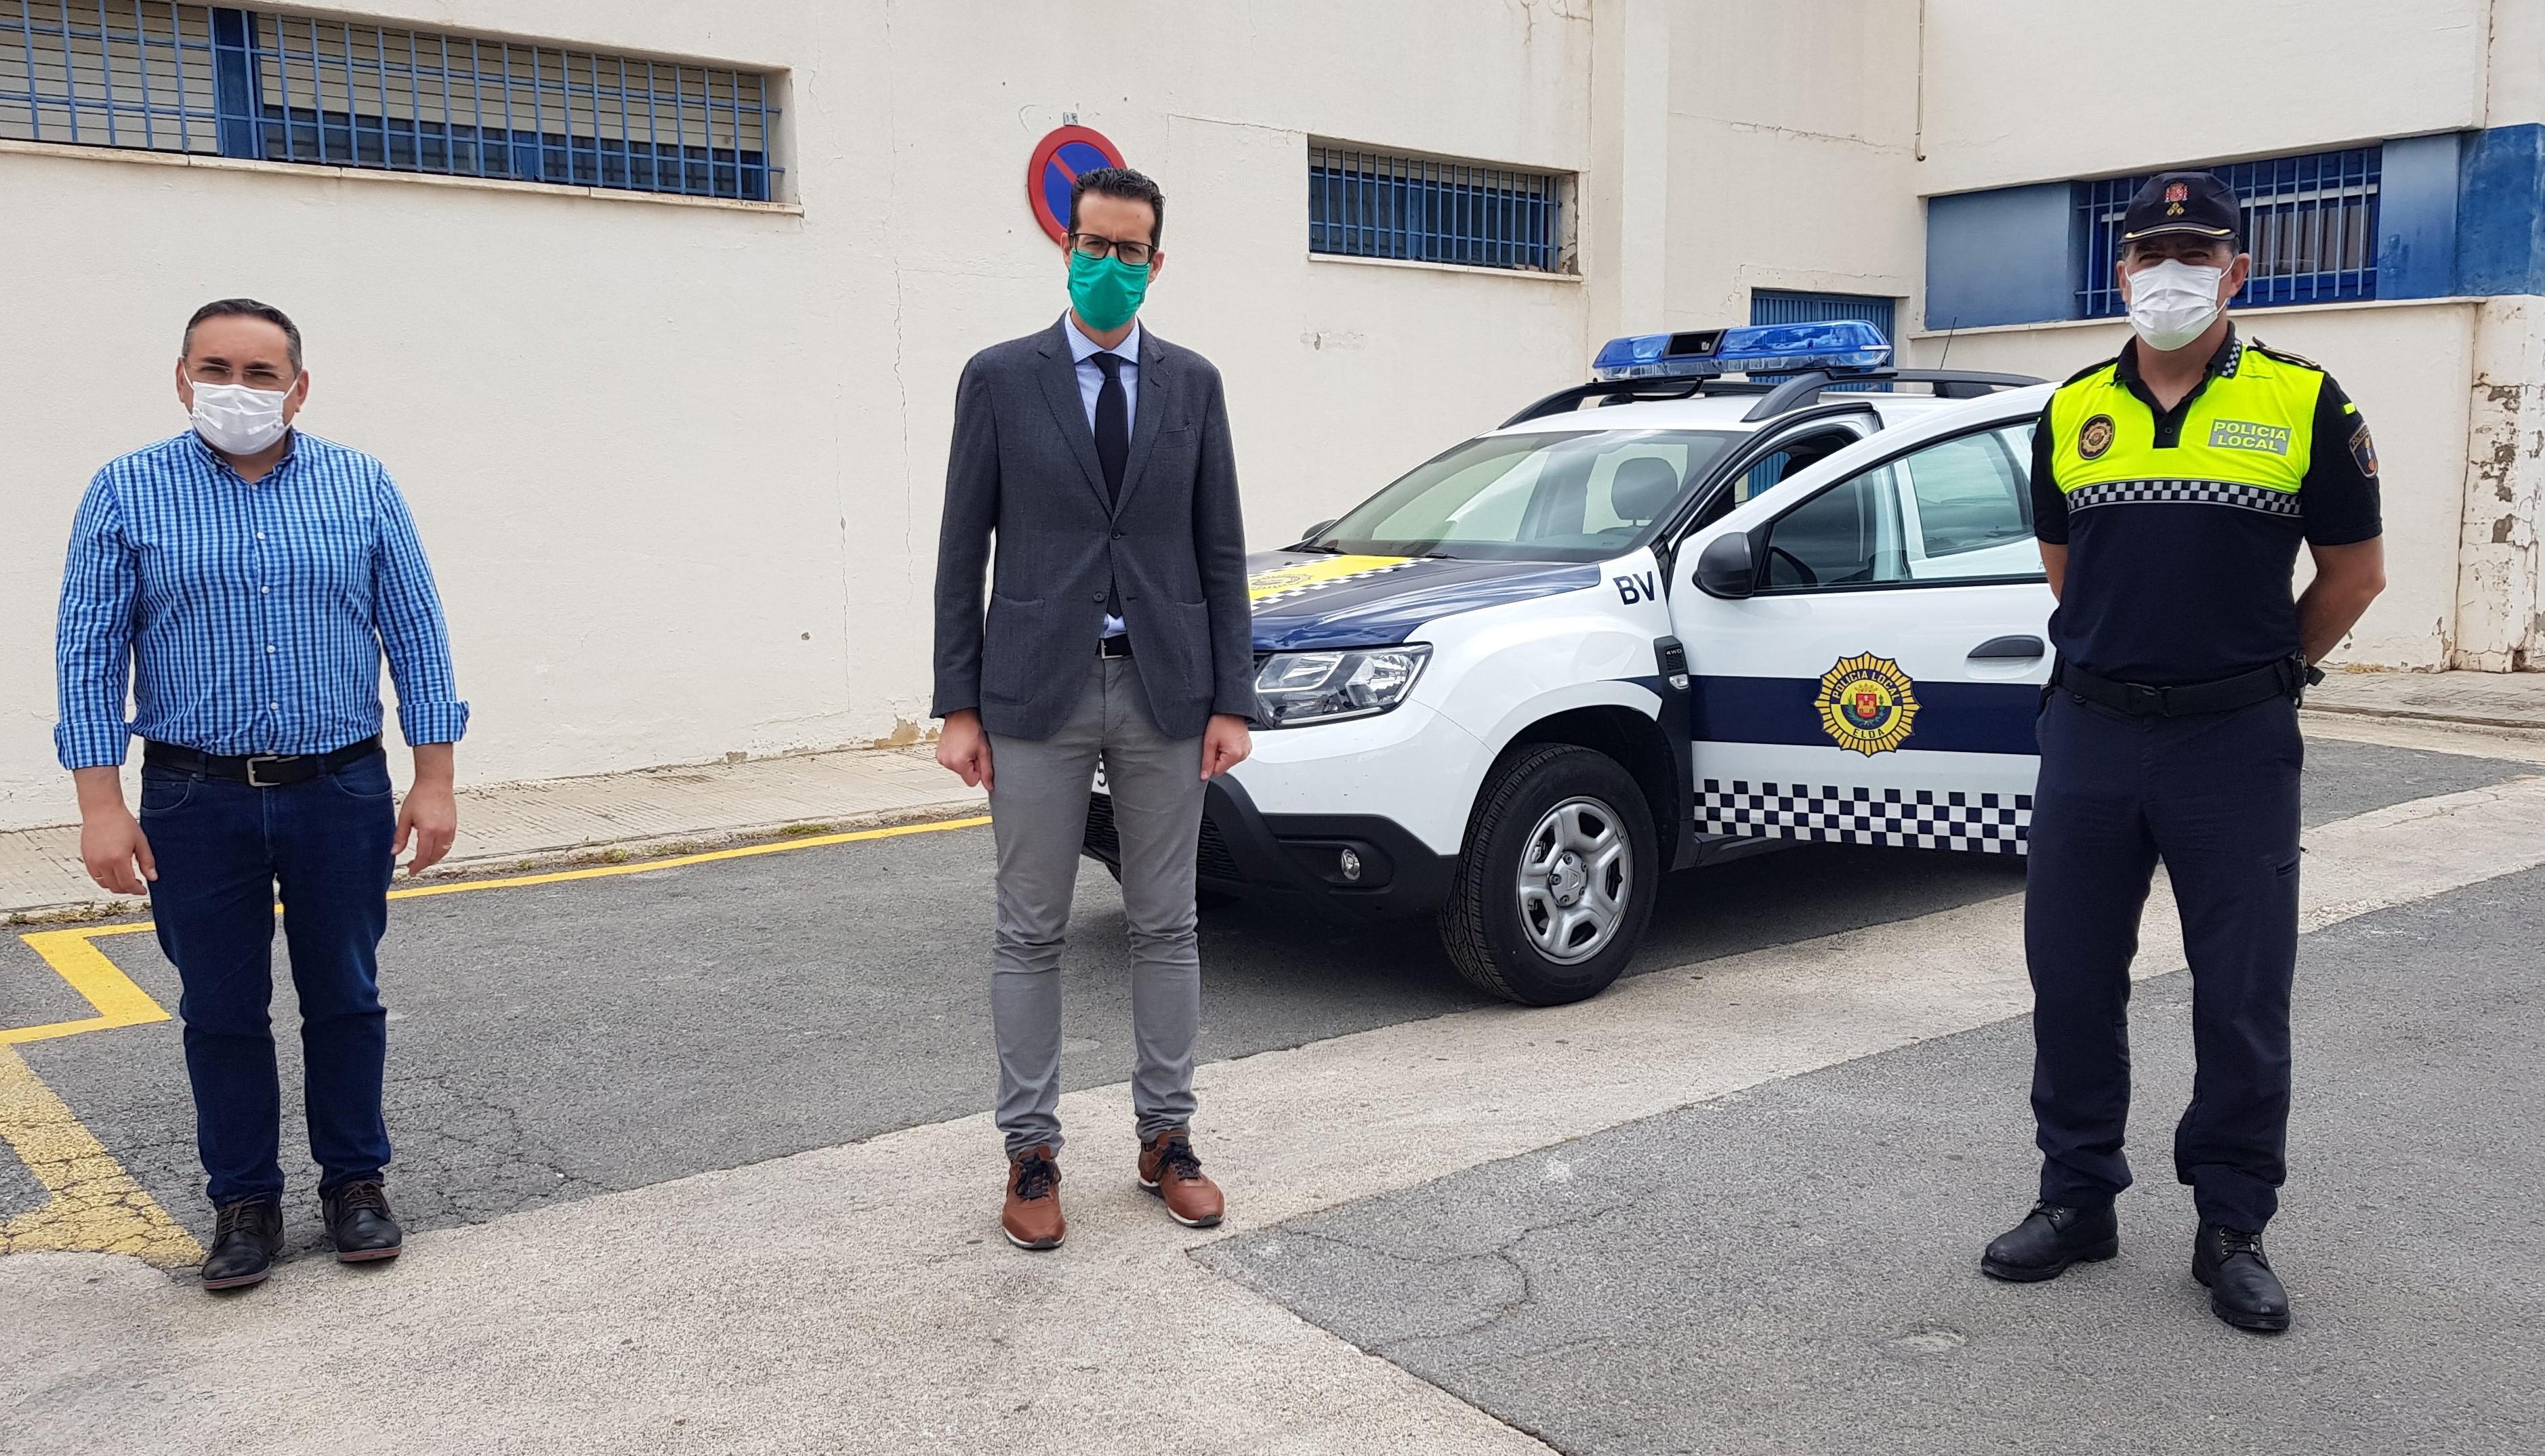 La Concejalía de Seguridad Ciudadana incorpora un nuevo coche patrulla a la flota de la Policía Local de Elda